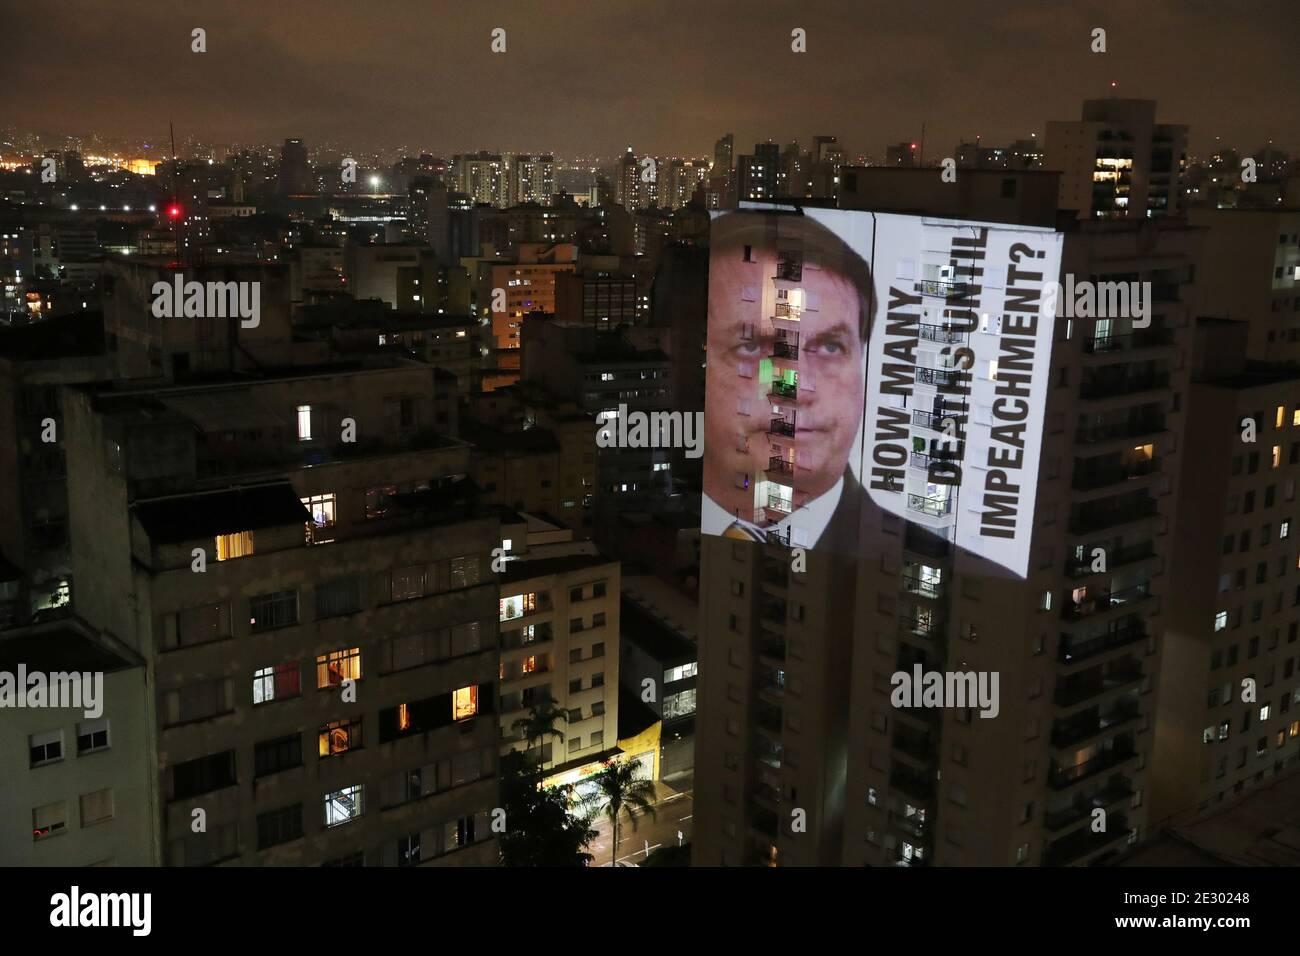 Un'immagine del presidente brasiliano Jair Bolsonaro con la frase 'quanti morti fino all'impeachment' è proiettata su un edificio durante una protesta contro le sue politiche per l'epidemia di coronavirus (COVID-19) e la crisi sanitaria di Manaus nel quartiere di Santa Cecilia a San Paolo, Brasile 15 gennaio 2021. REUTERS/Amanda Perobelli Foto Stock